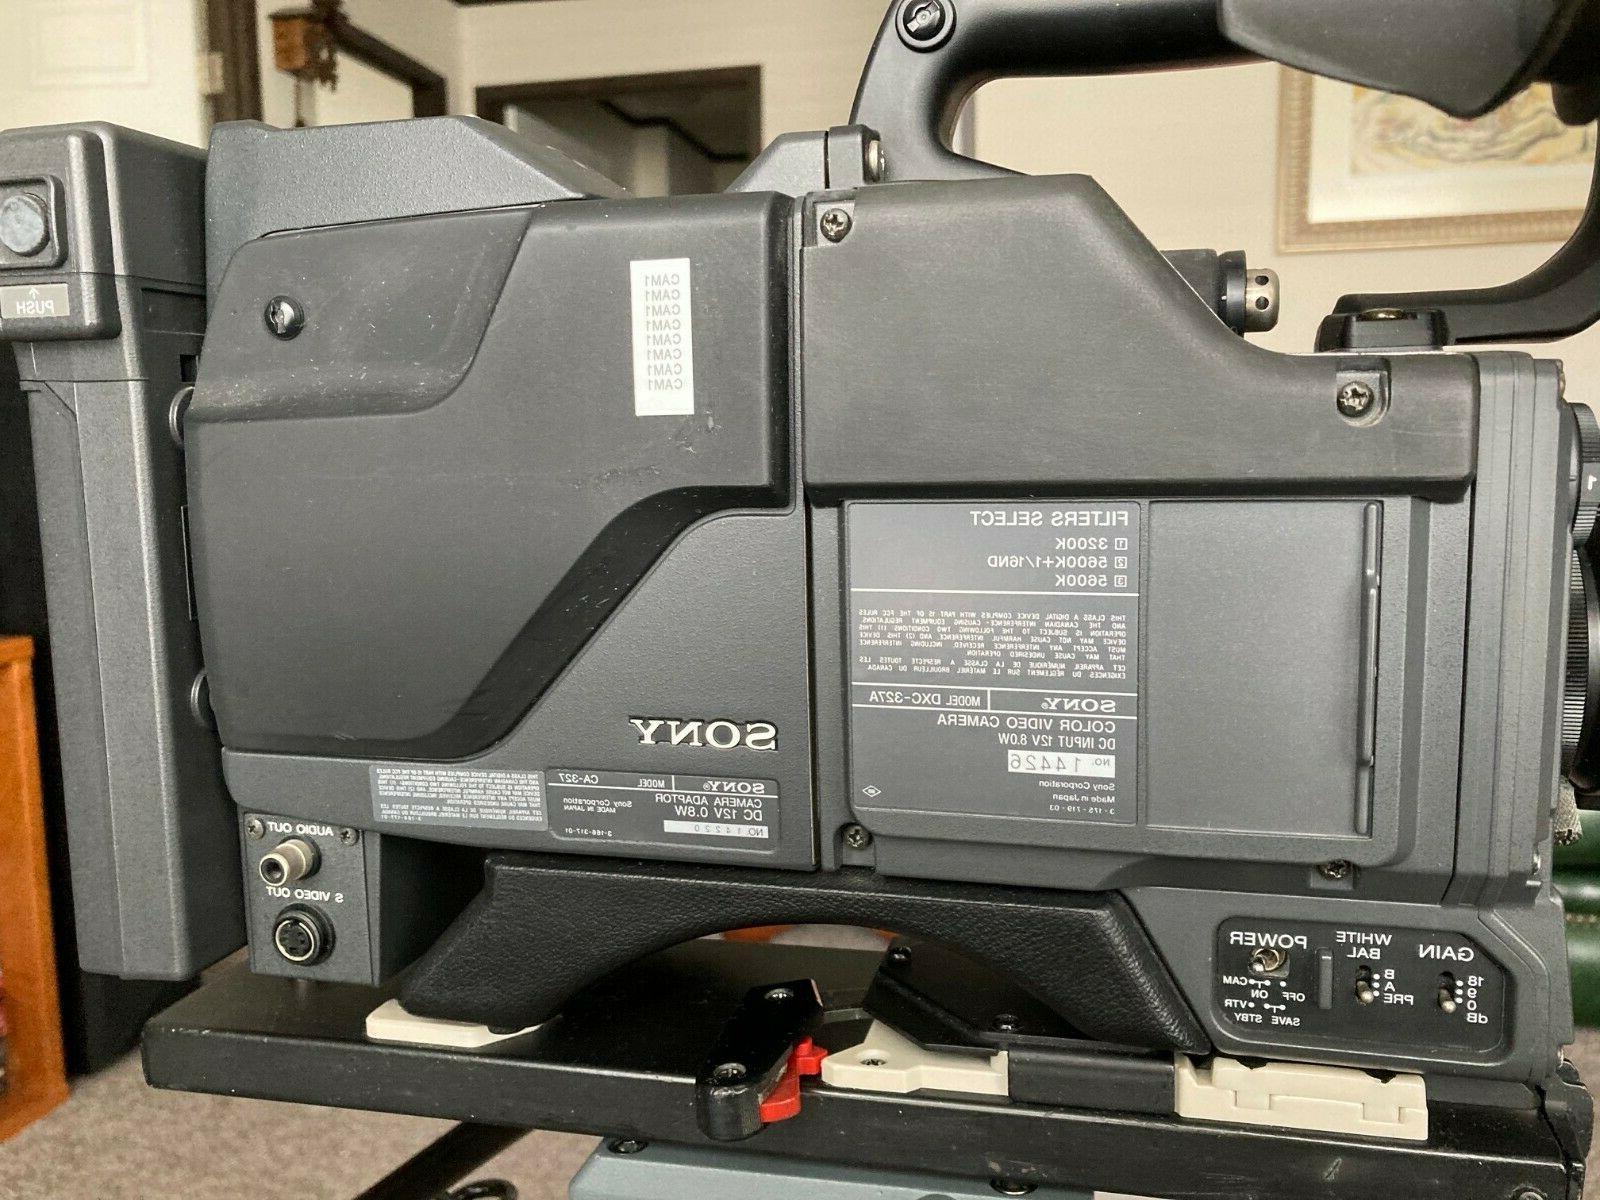 SONYdxc-327a color camera adptor lens